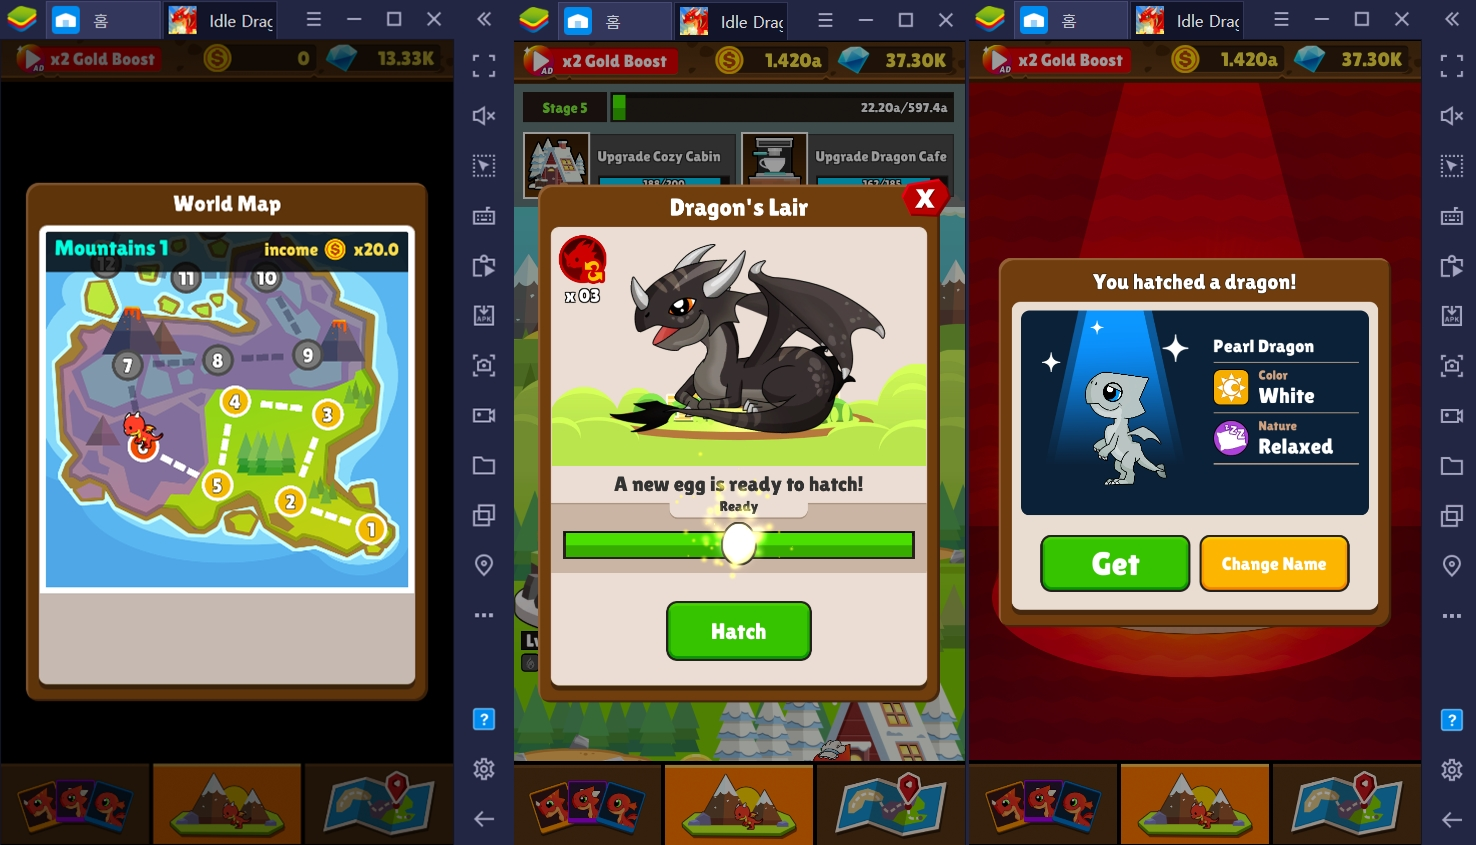 PC로 즐길 수 있는 방치형 게임 아이들 드래곤 월드, 더 효율적으로 플레이하는 방법은?